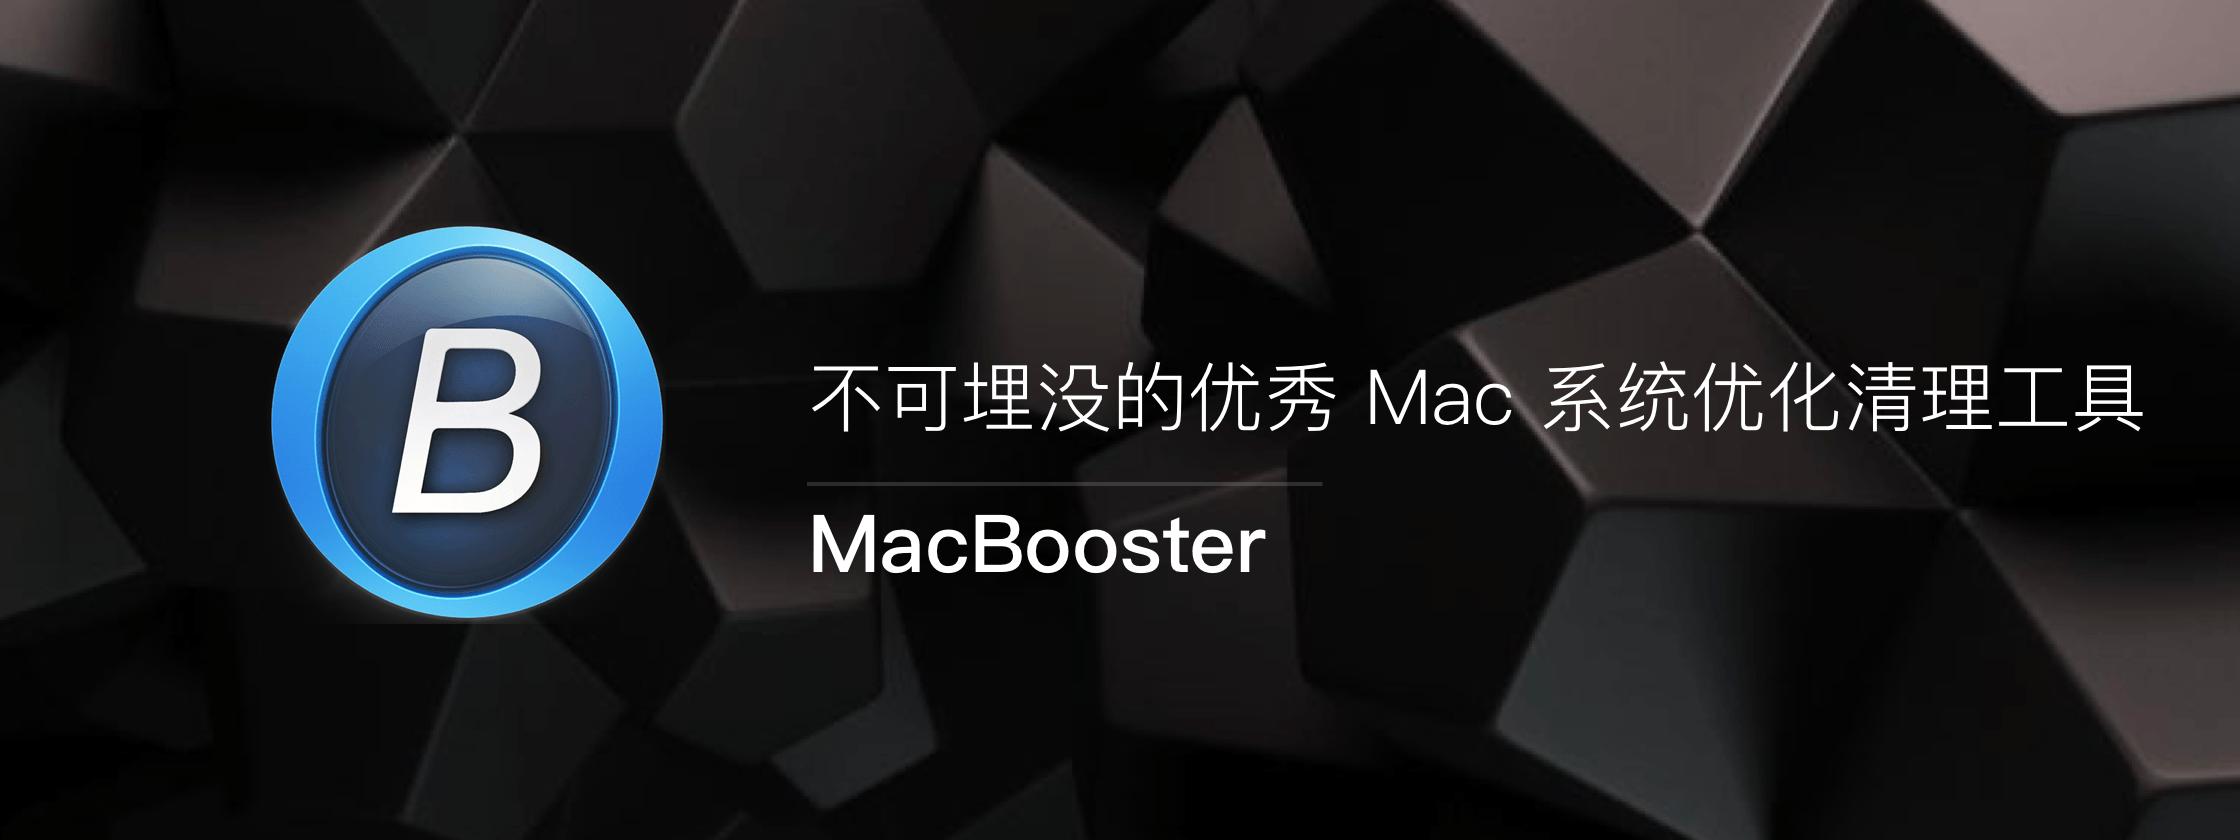 MacBooster – 不可埋没的优秀 Mac 系统优化清理工具